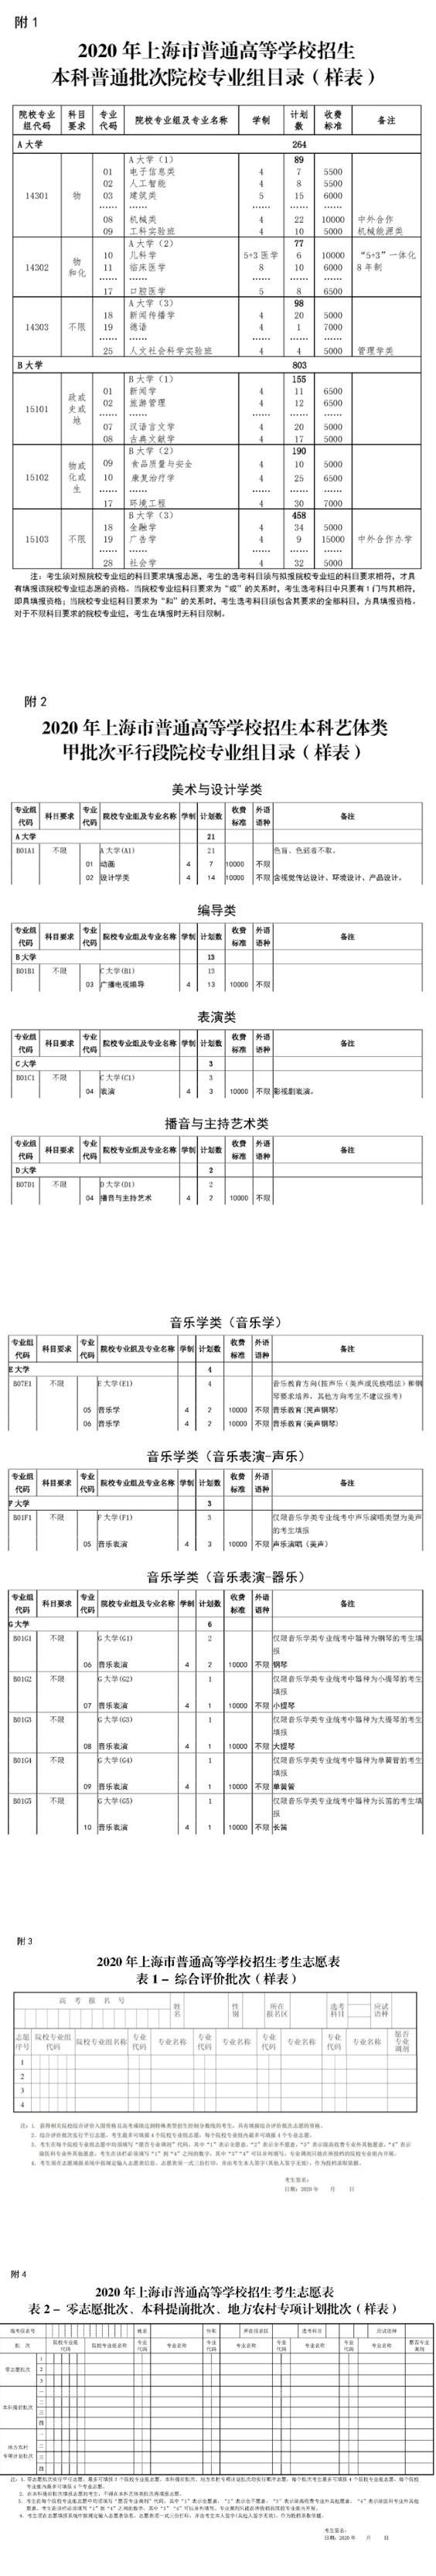 上海市教育考试院关于印发《上海市2020年普通高等学校招生志愿填报与投档录取实施